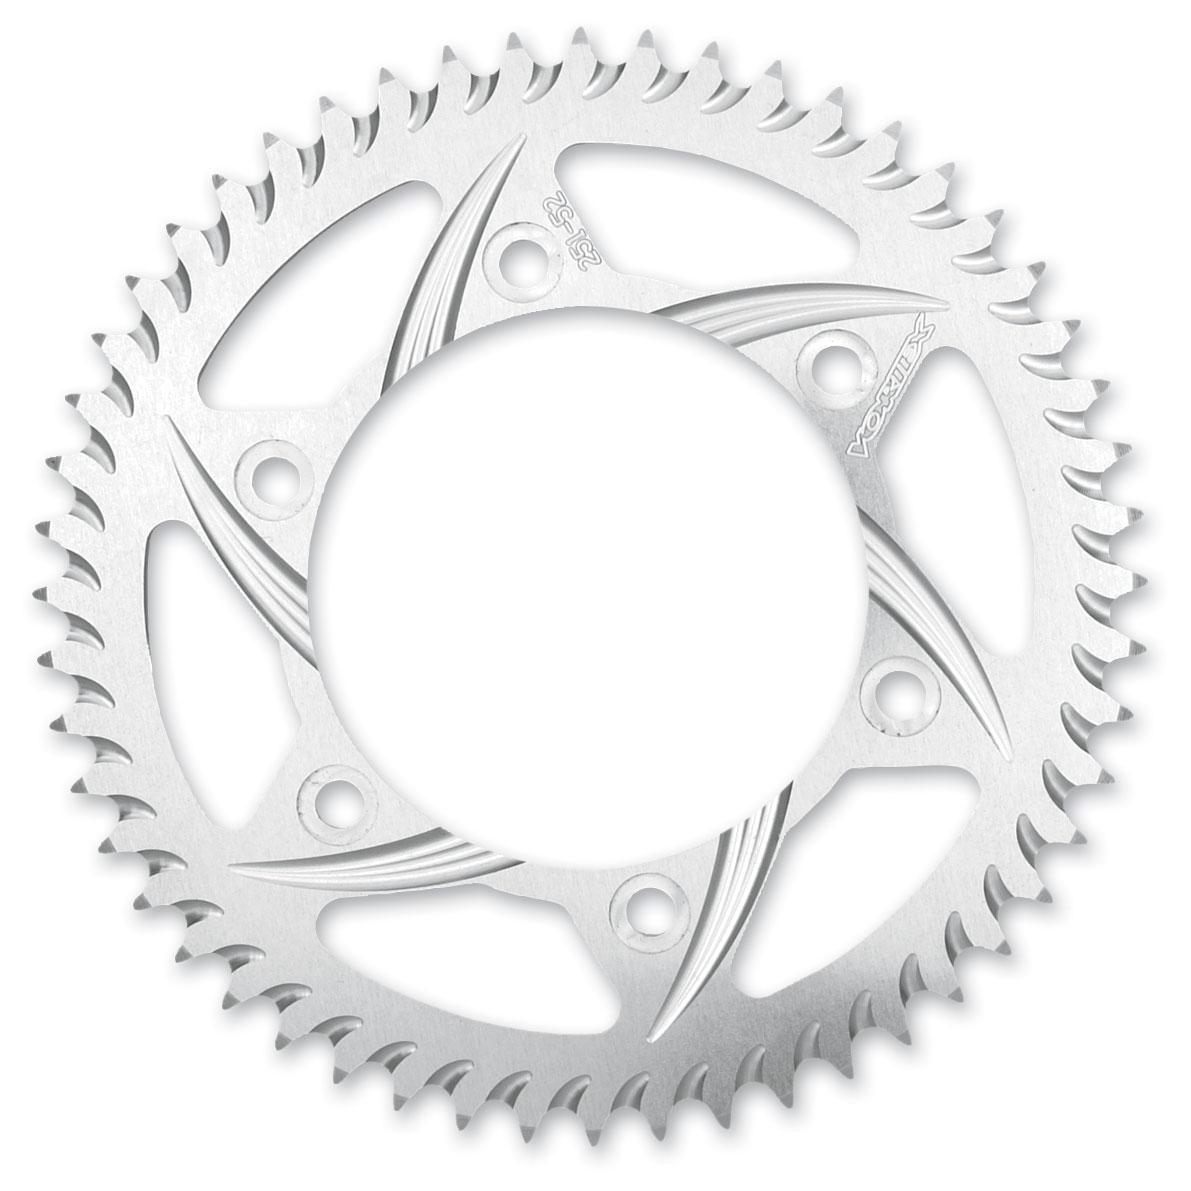 Vortex Rear Sprocket 520 Conversion 48T Silver